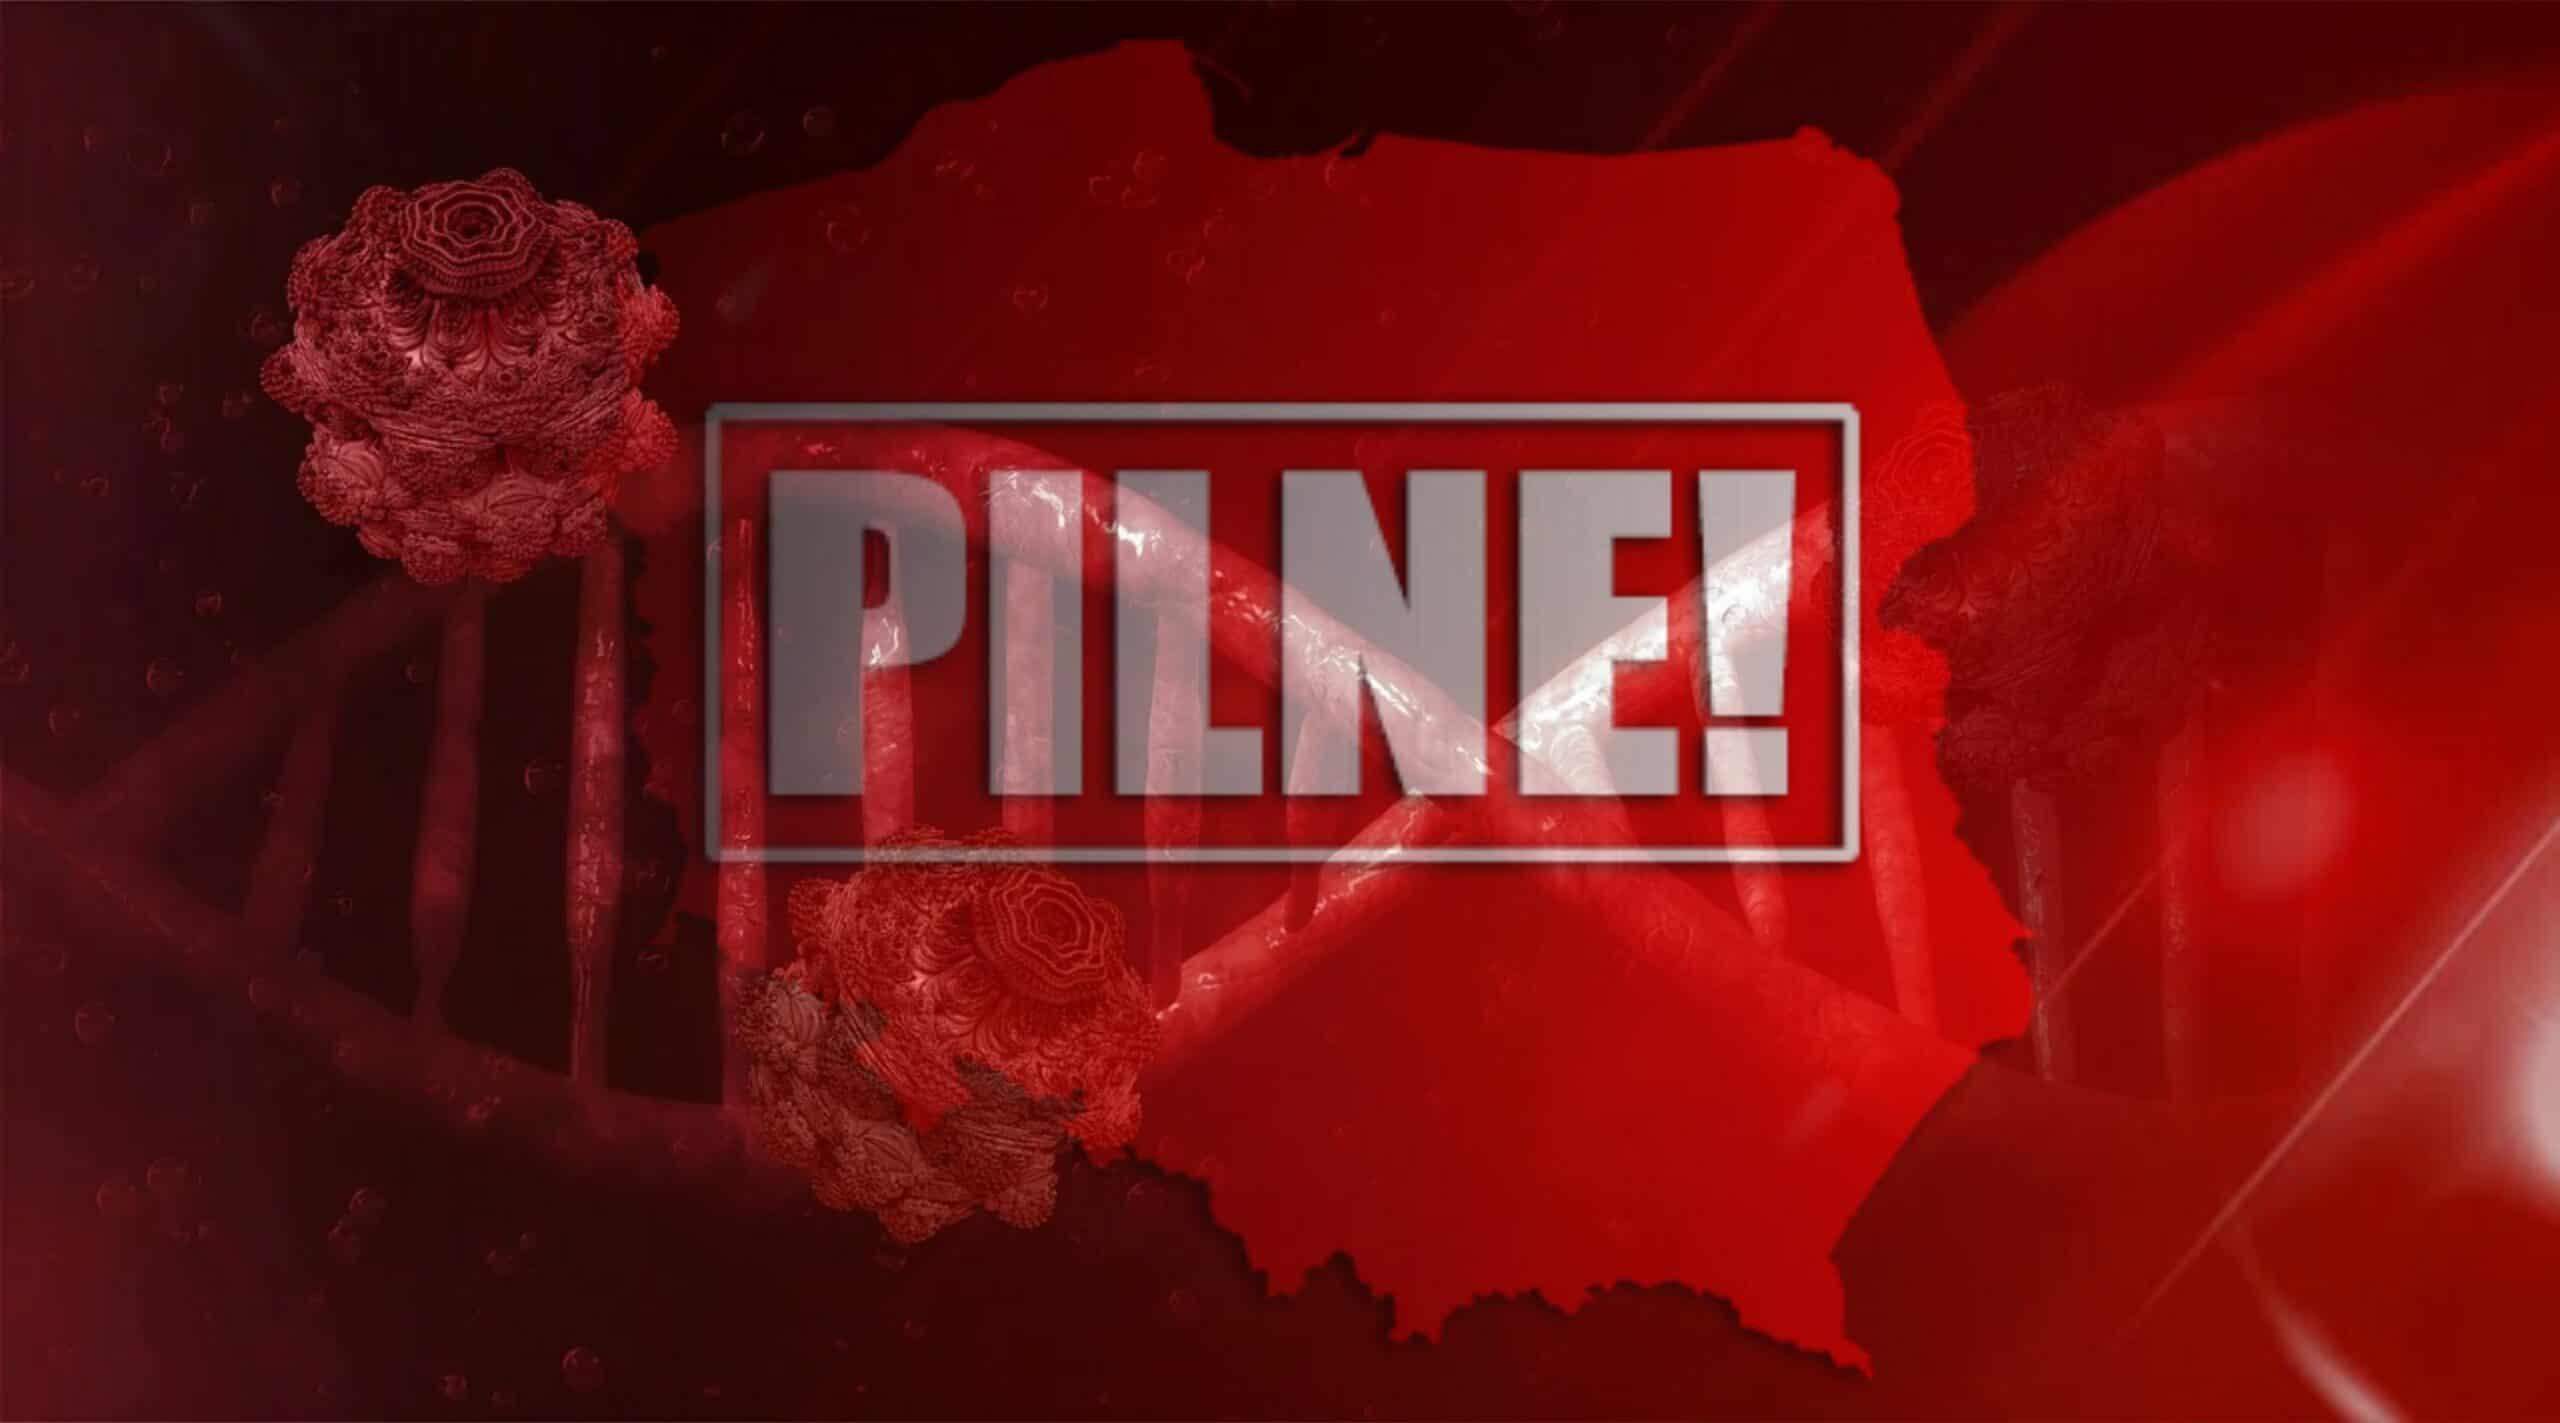 Koronawirus w Polsce, nowe dane: Rekordowa ilość zakażonych, liczba przekroczyła 900 osób, nastąpiły również nowe zgony. Polska czeka na kolejne uderzenie